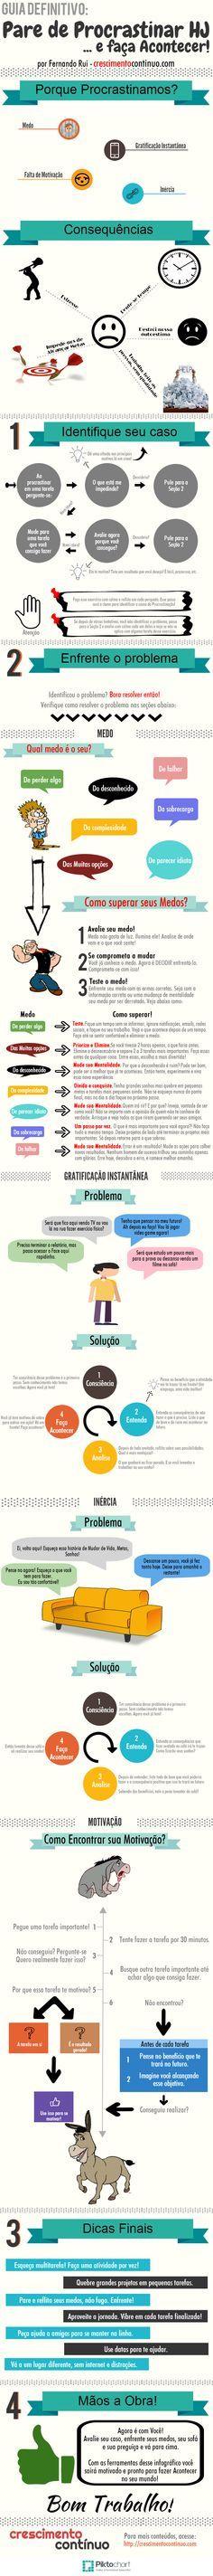 parar de procrastinar